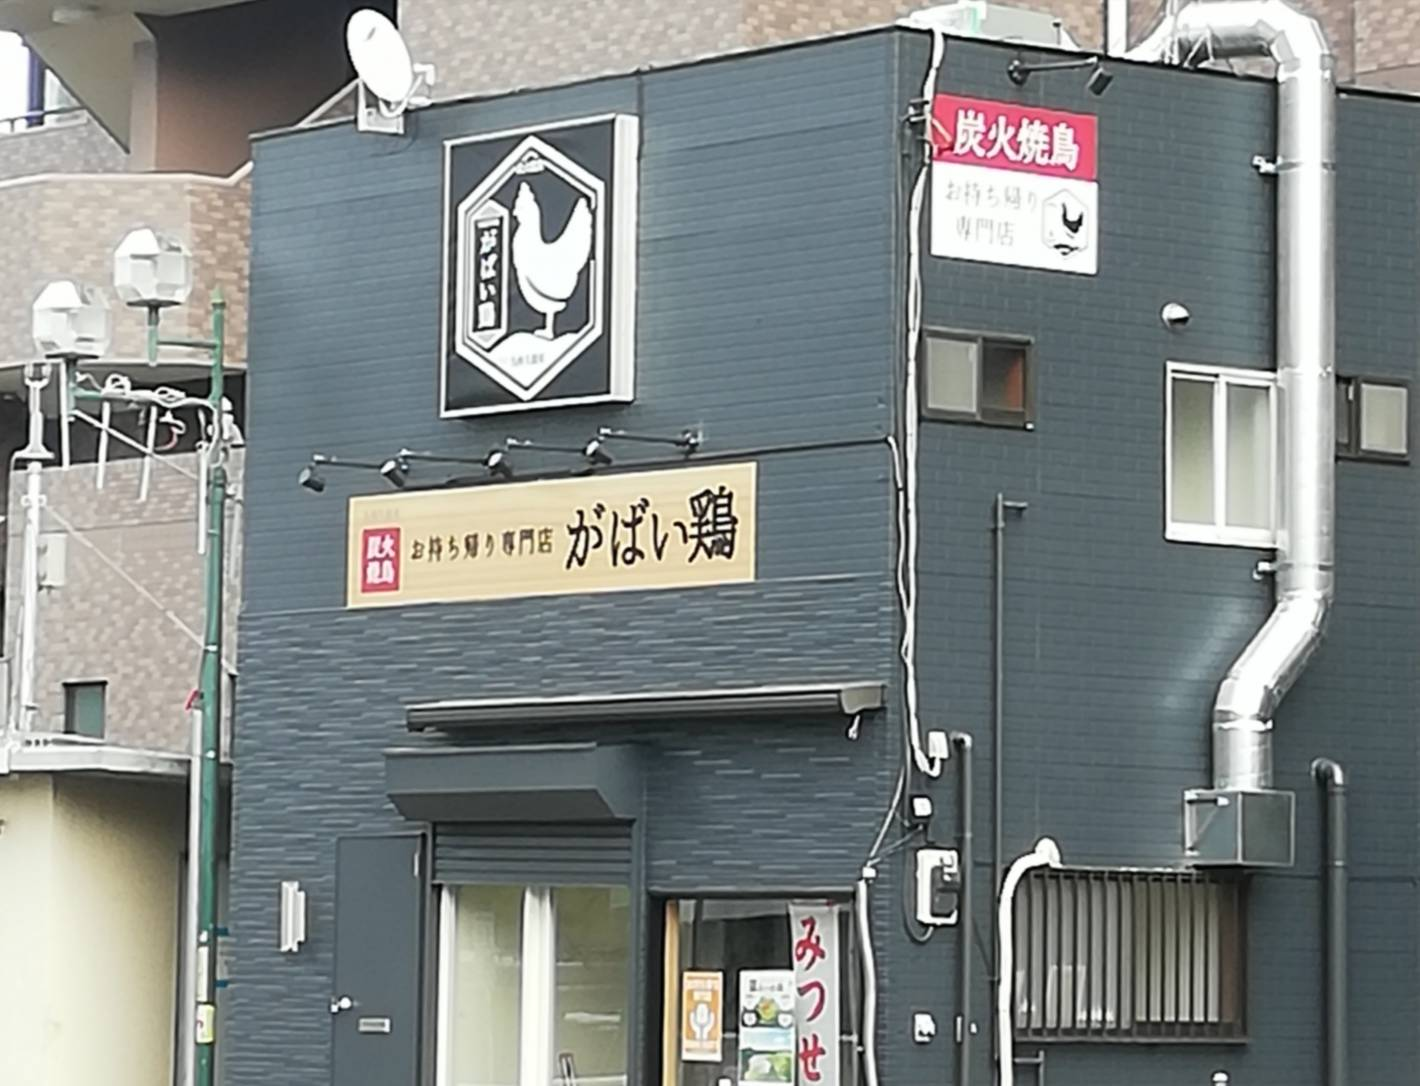 がばい鶏北松戸テイクアウト炭火焼鳥